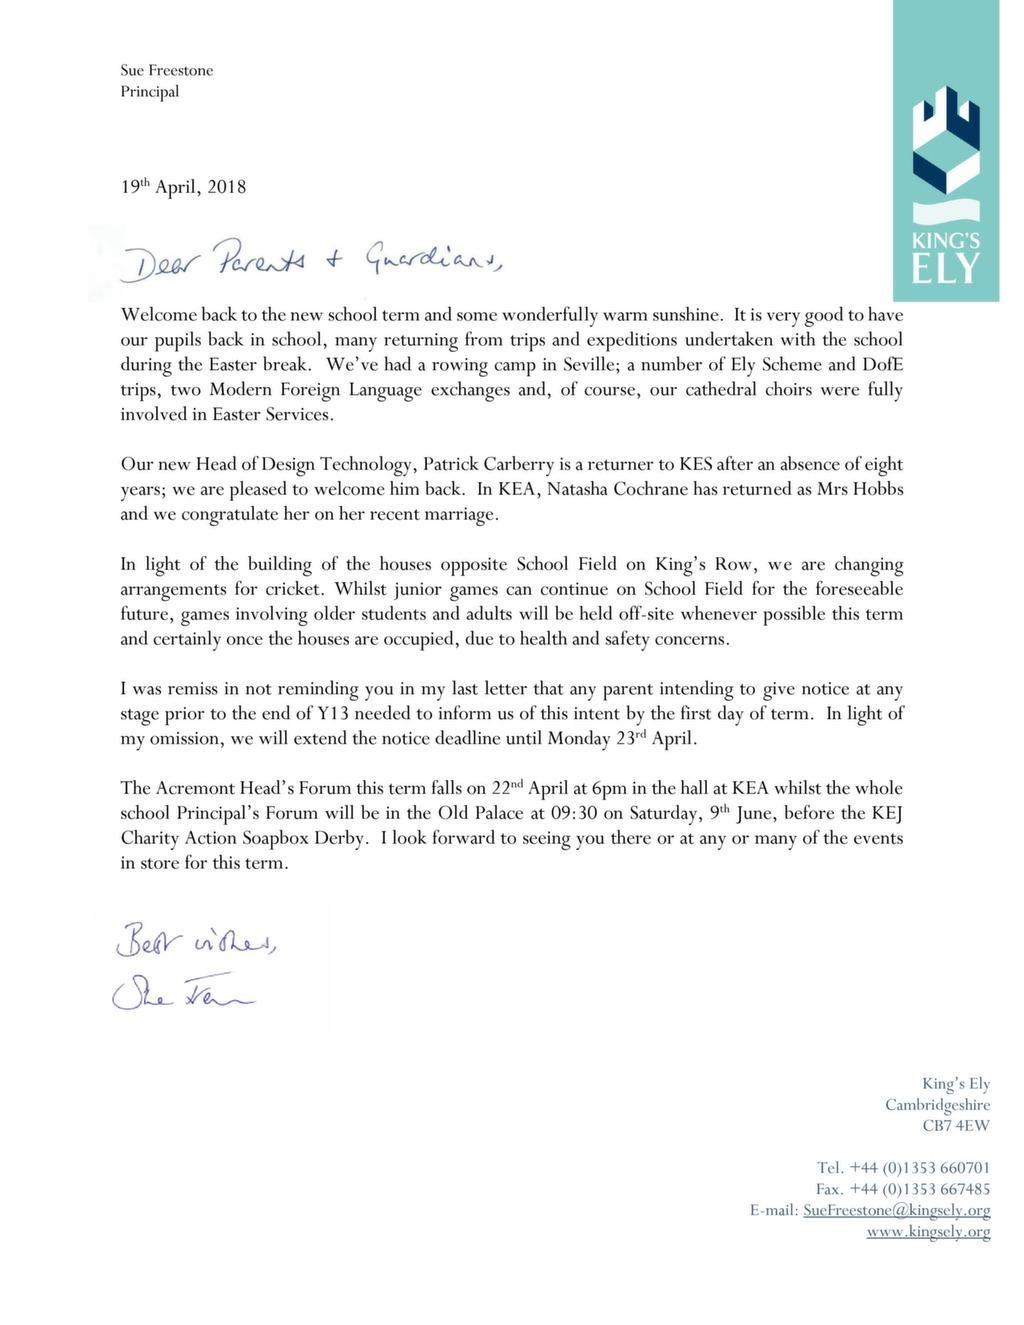 Principal's April 2018 Letter to Parents and Guardians